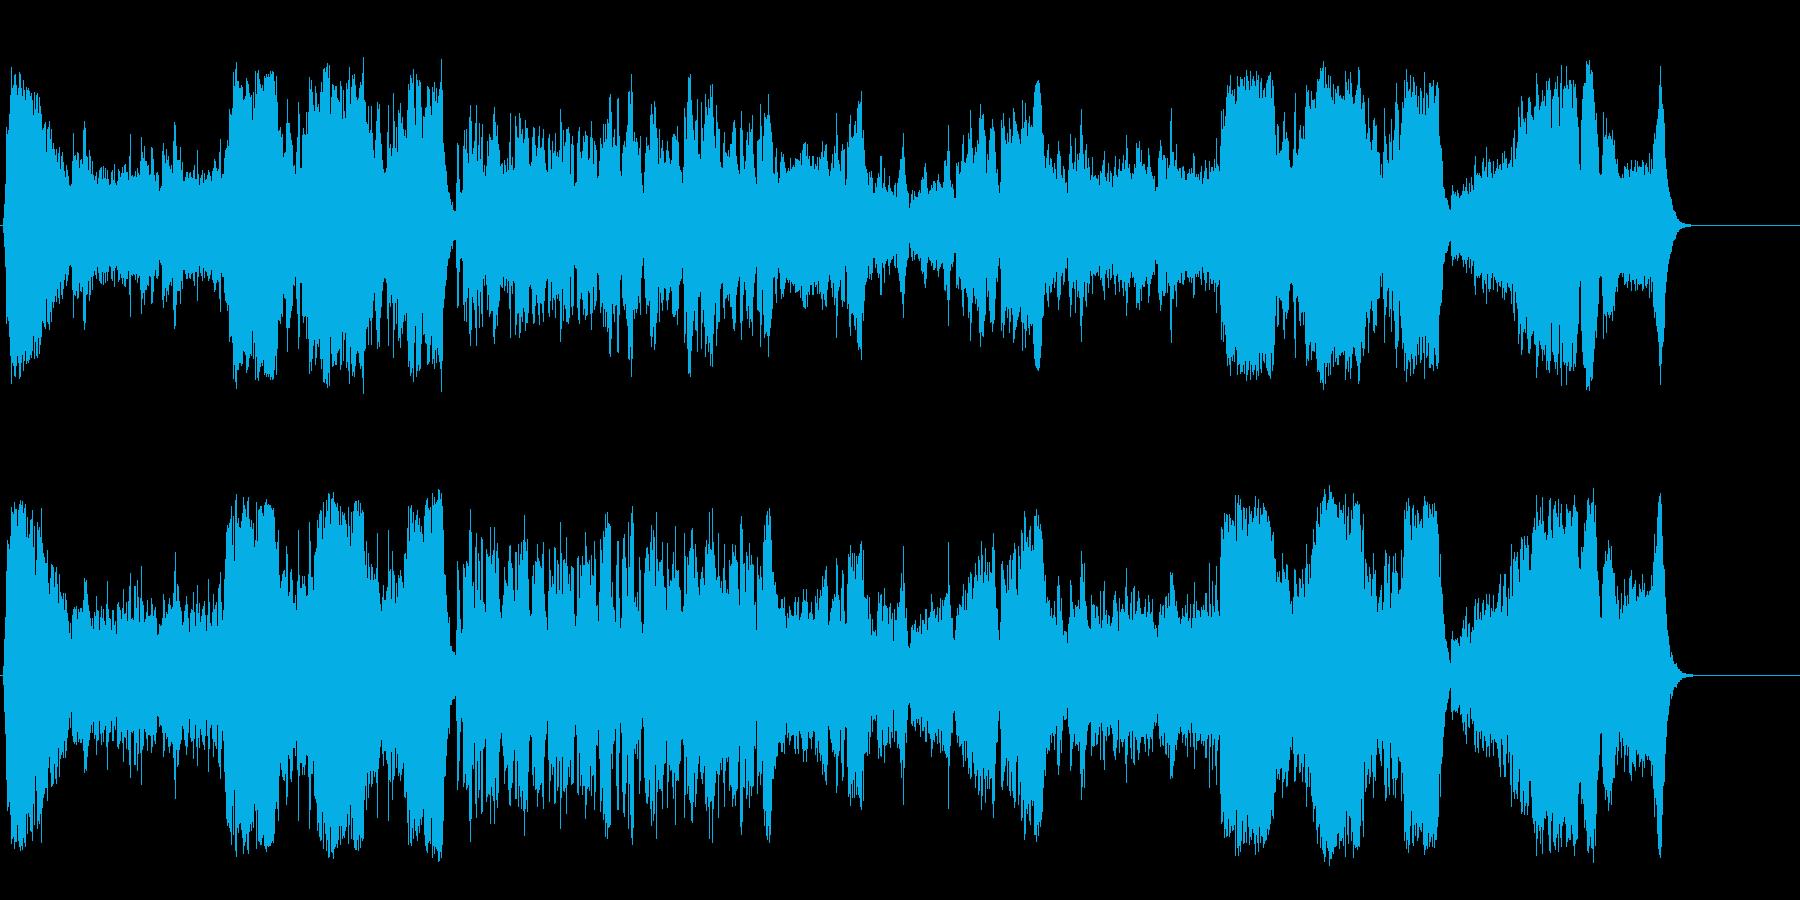 中世の悲劇を物語るオーケストラの再生済みの波形